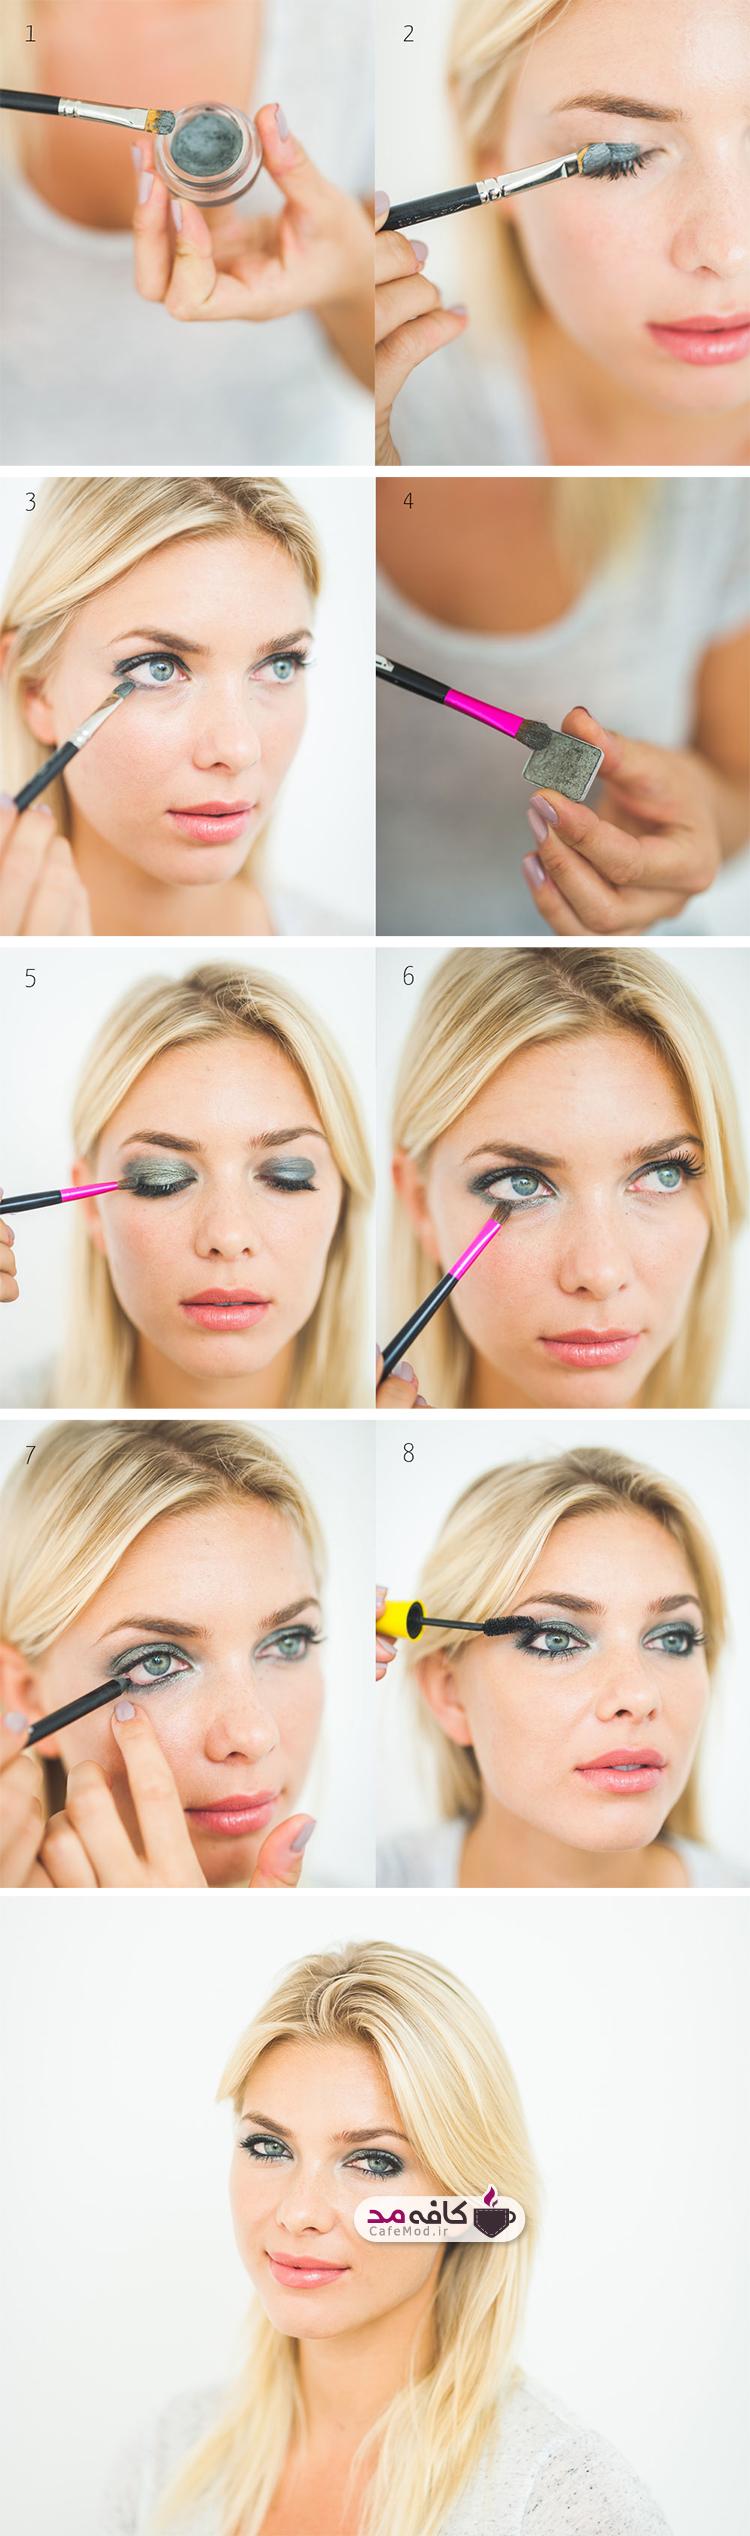 آموزش آرایش چشم خاکستری